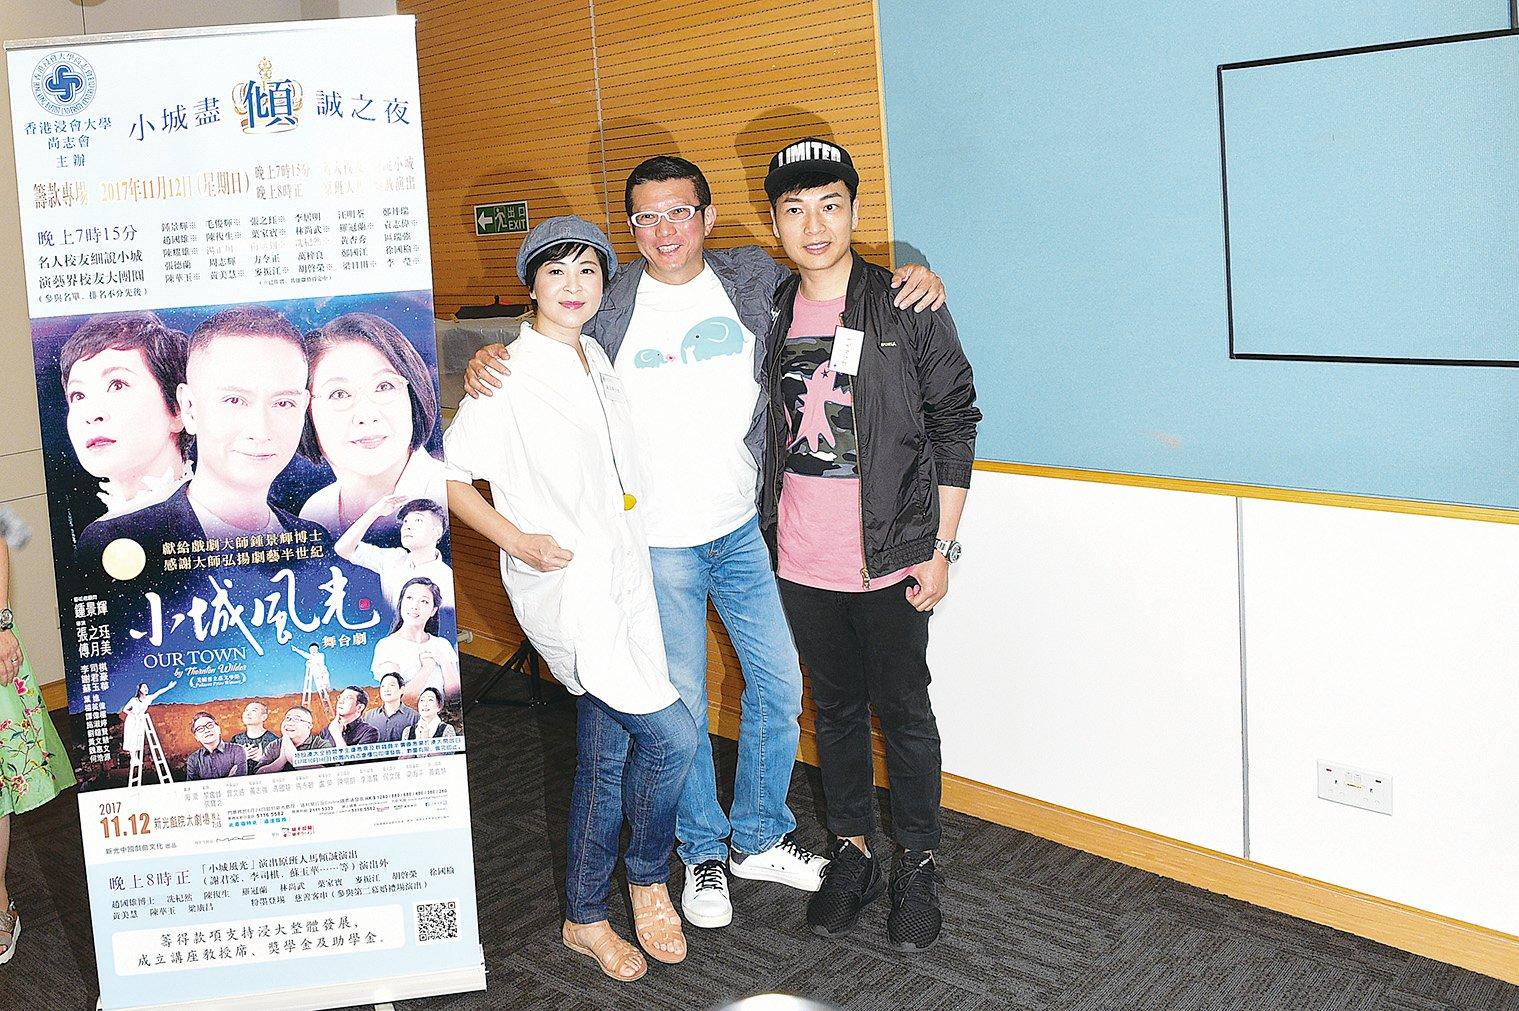 蘇玉華(左一)與舞台劇演員合照。(郭威利/大紀元)